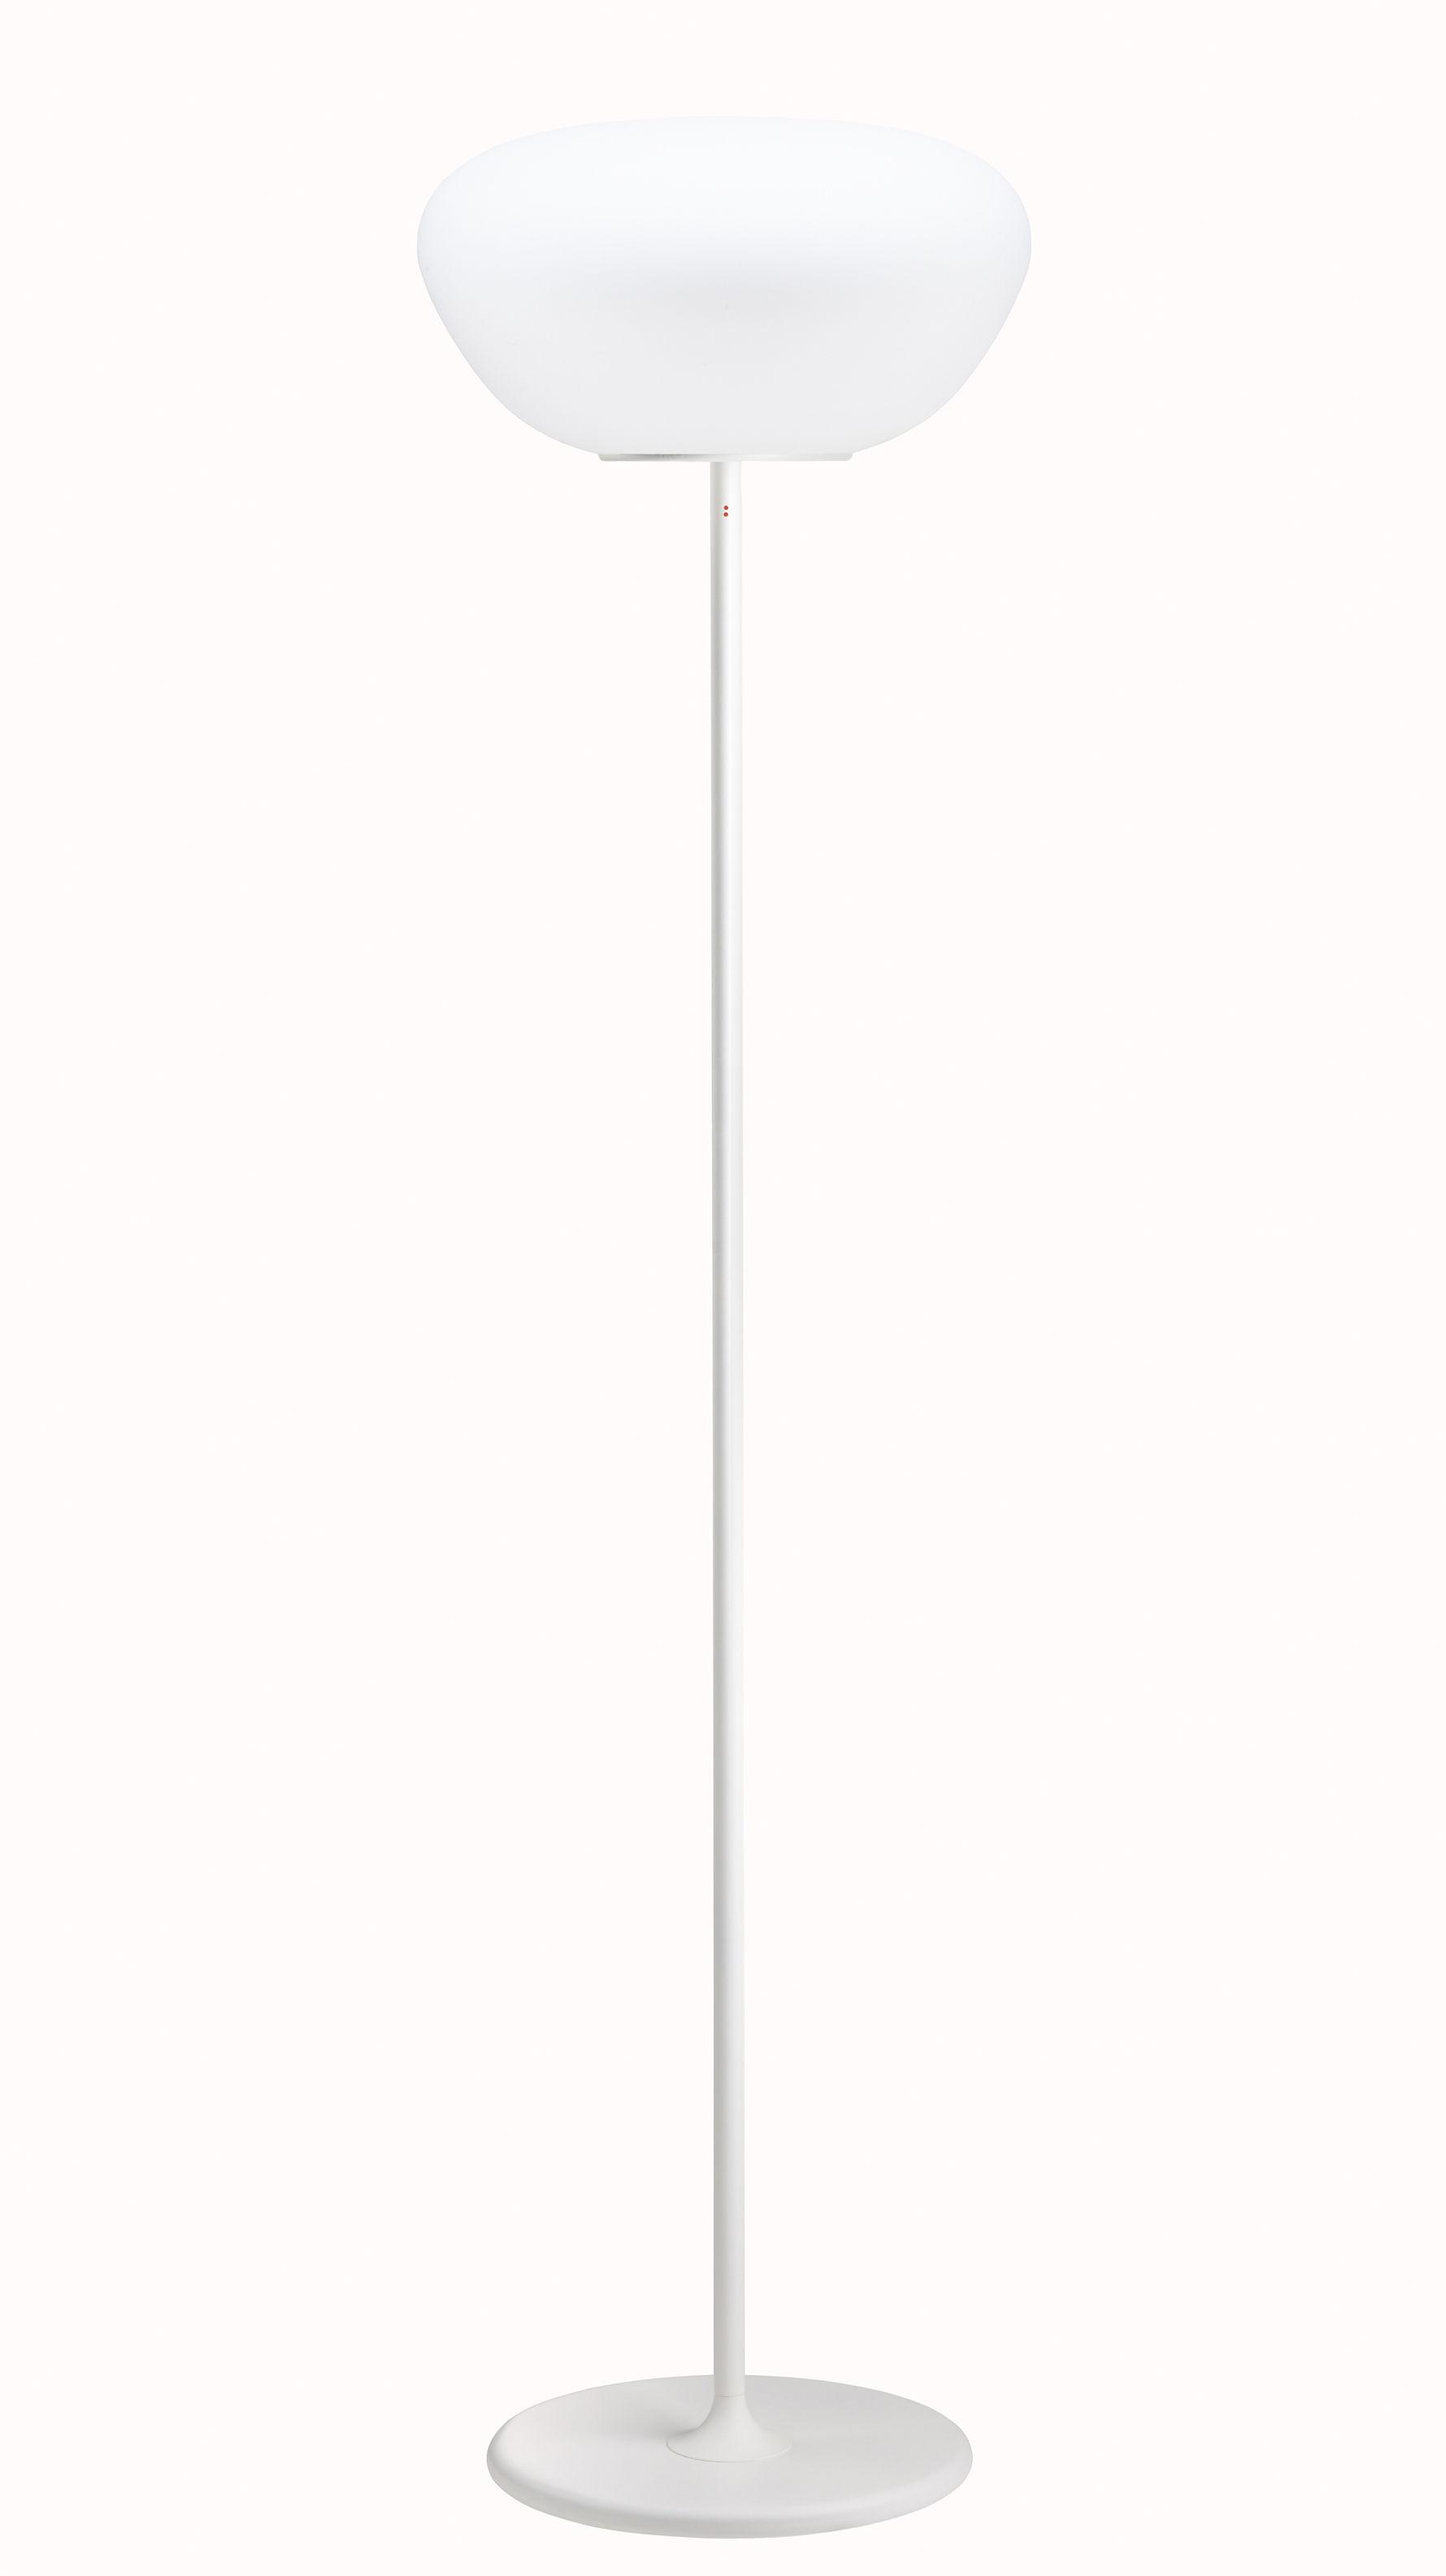 Lighting - Floor lamps - Poga Floor lamp - Ø 42 cm - H 155 cm by Fabbian - White - Glass